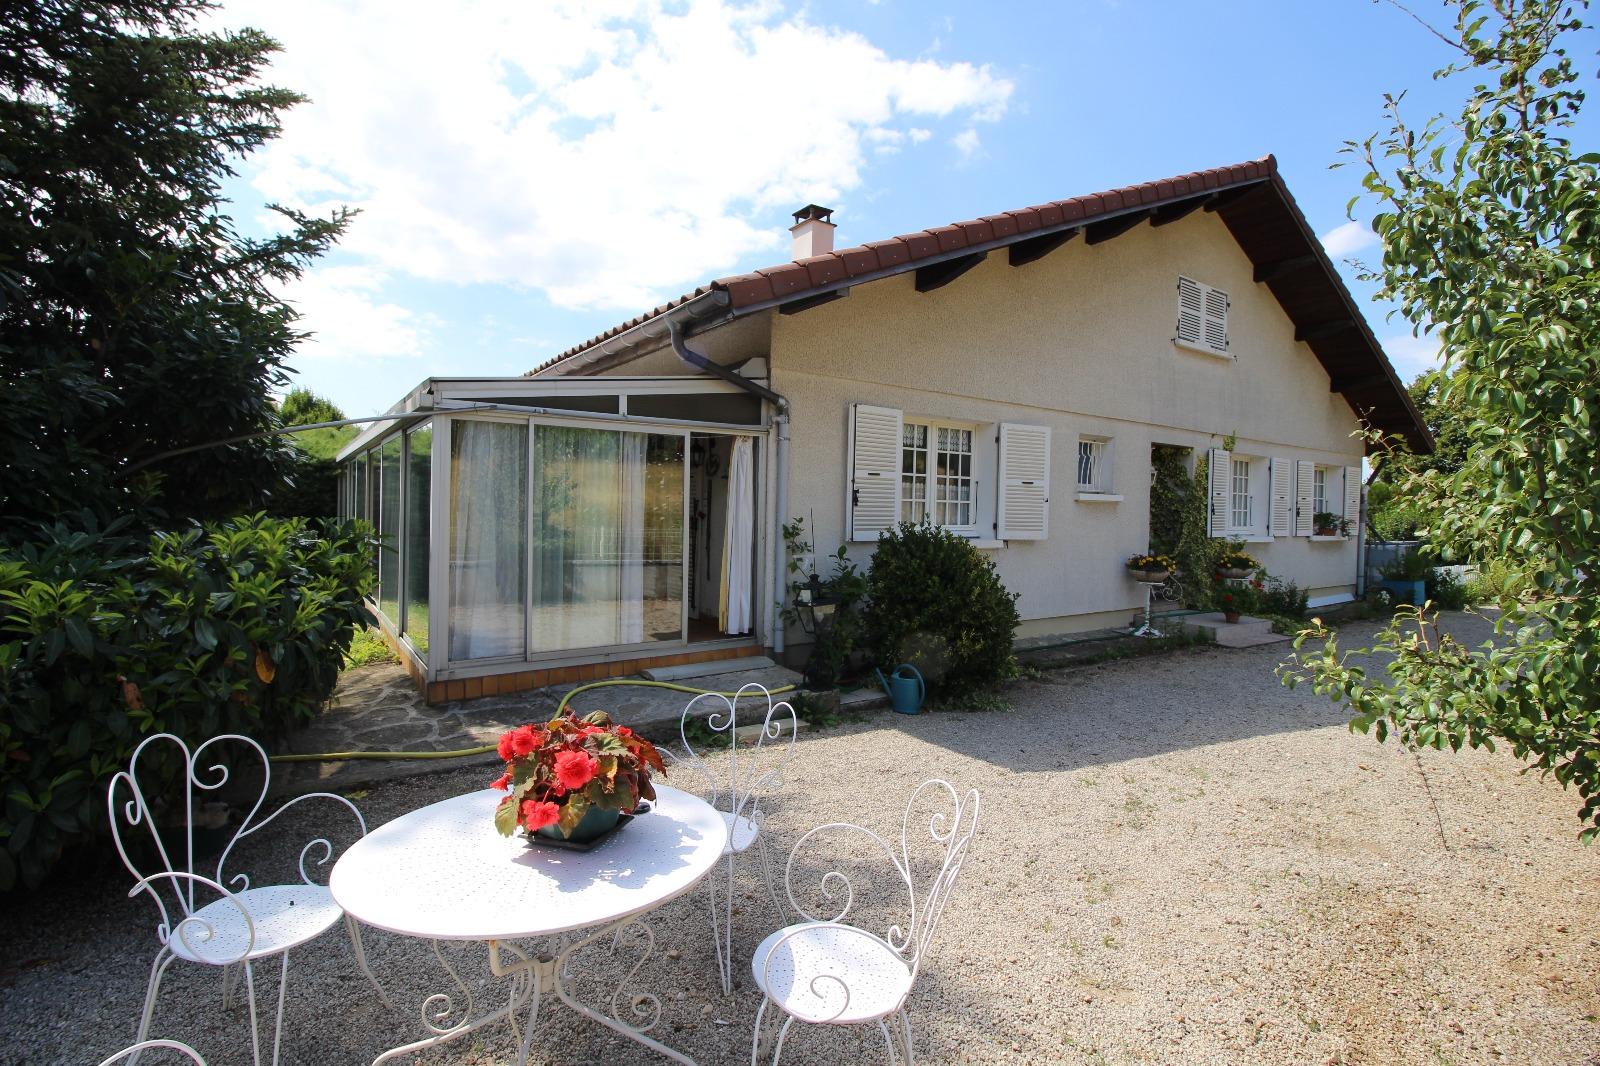 Vente secteur st amour 39160 maison de 125 m env et v randa de 28 m terrasse terrain 3360 - Frais de notaire achat garage ...